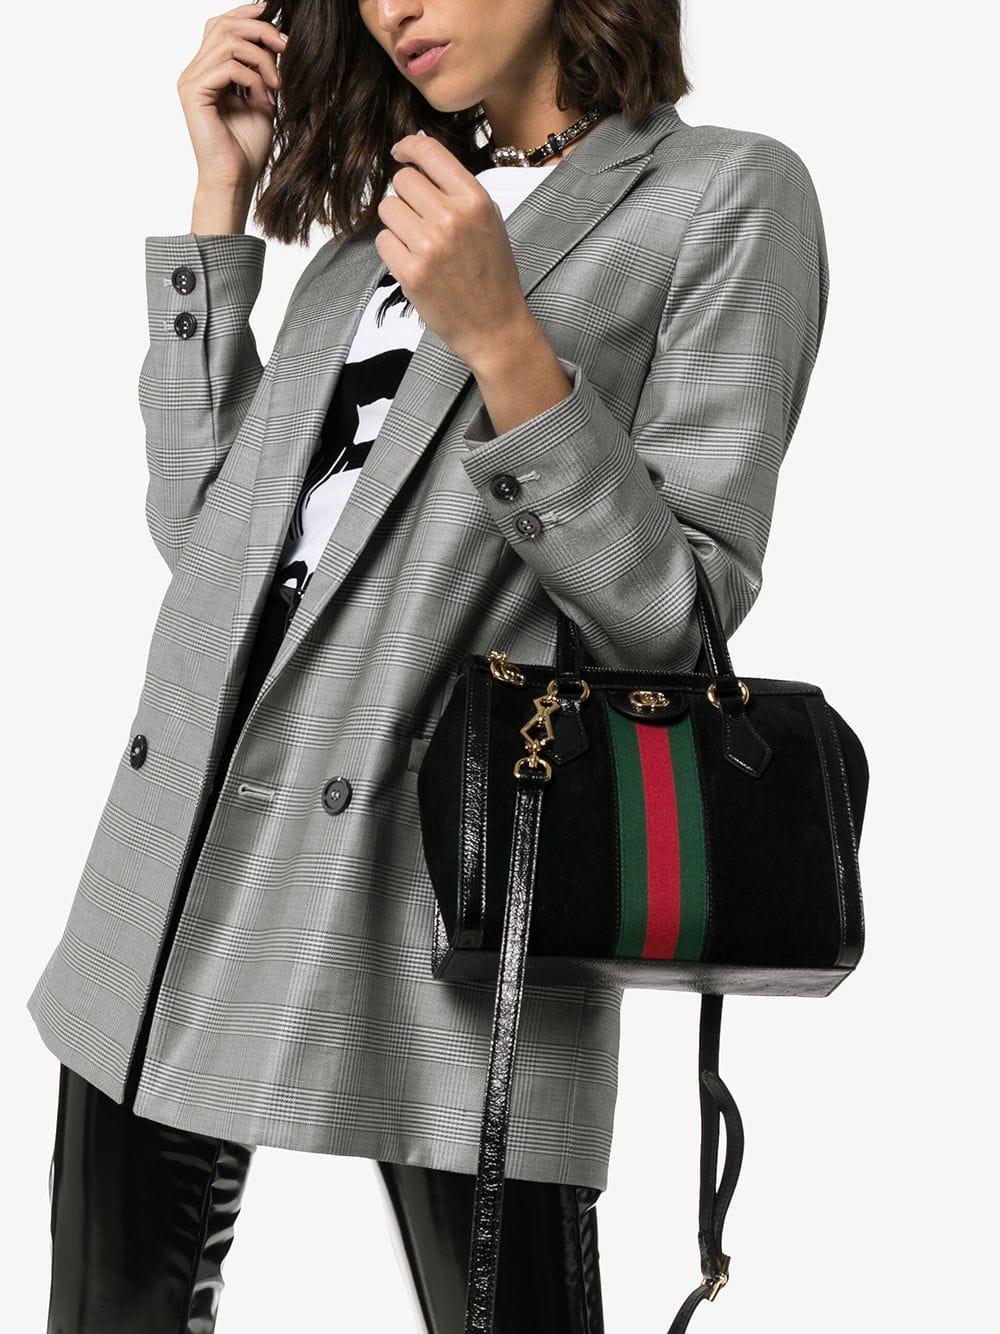 3e303bcc2161 Gucci Ophidia Small Tote Bag In Black | ModeSens